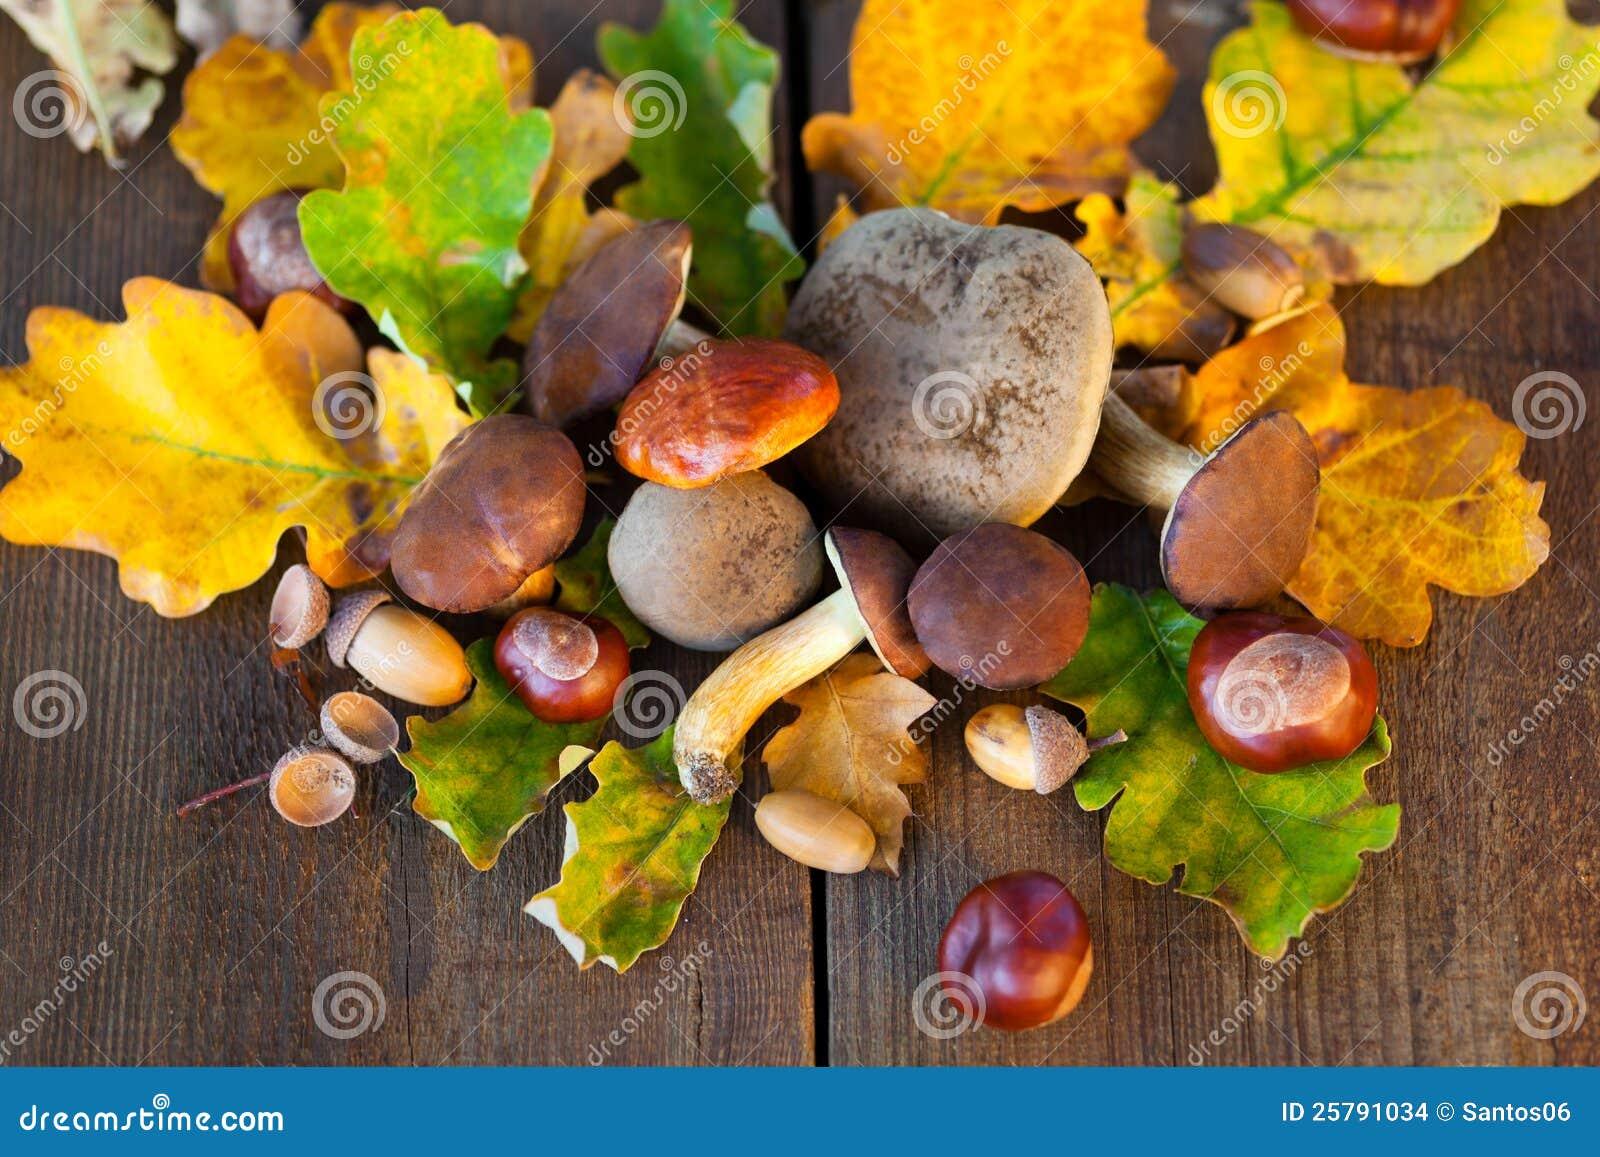 Herfst decoratie stock afbeeldingen afbeelding 25791034 - Decoratie afbeelding ...